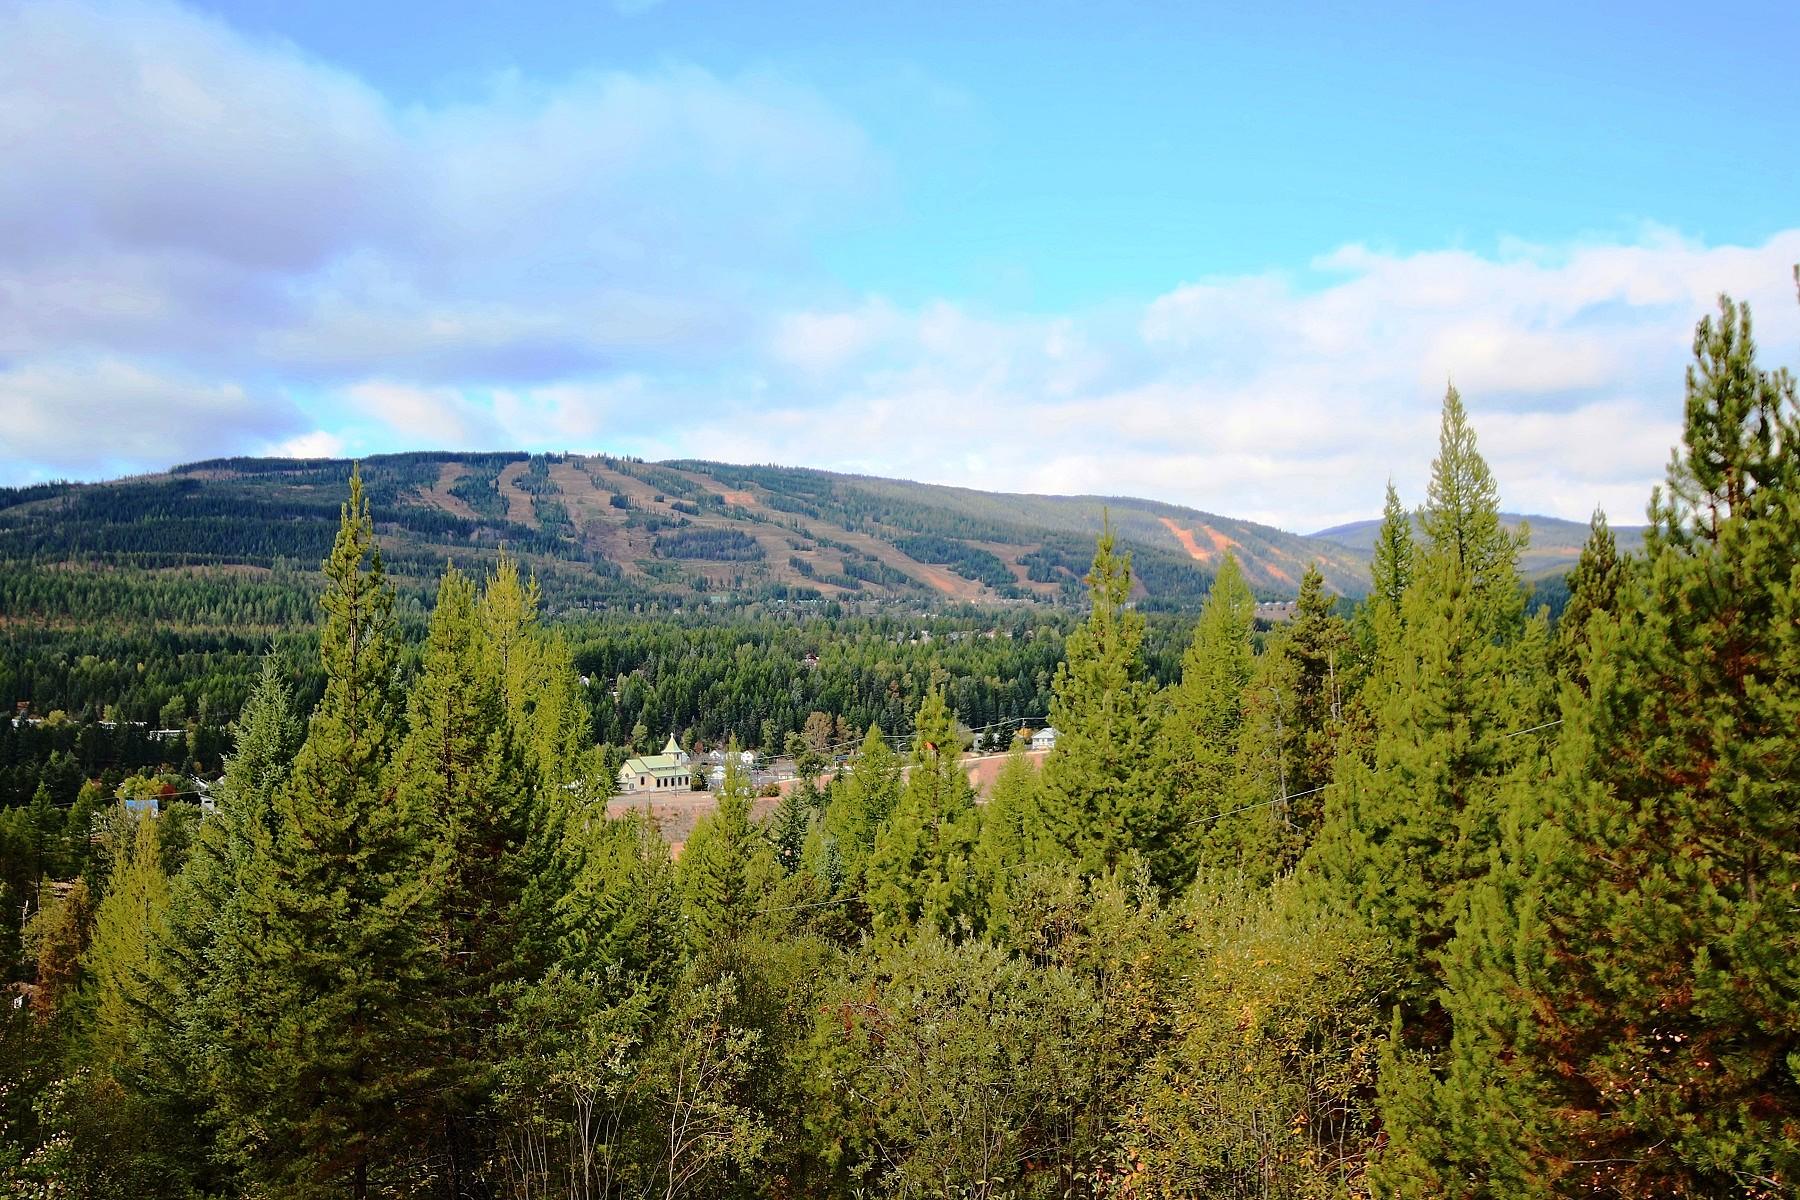 Casa Unifamiliar por un Venta en Lifestyle, Privacy and Revenue 1302 Mill Road, Kimberley, British Columbia, V1A 3K9 Canadá